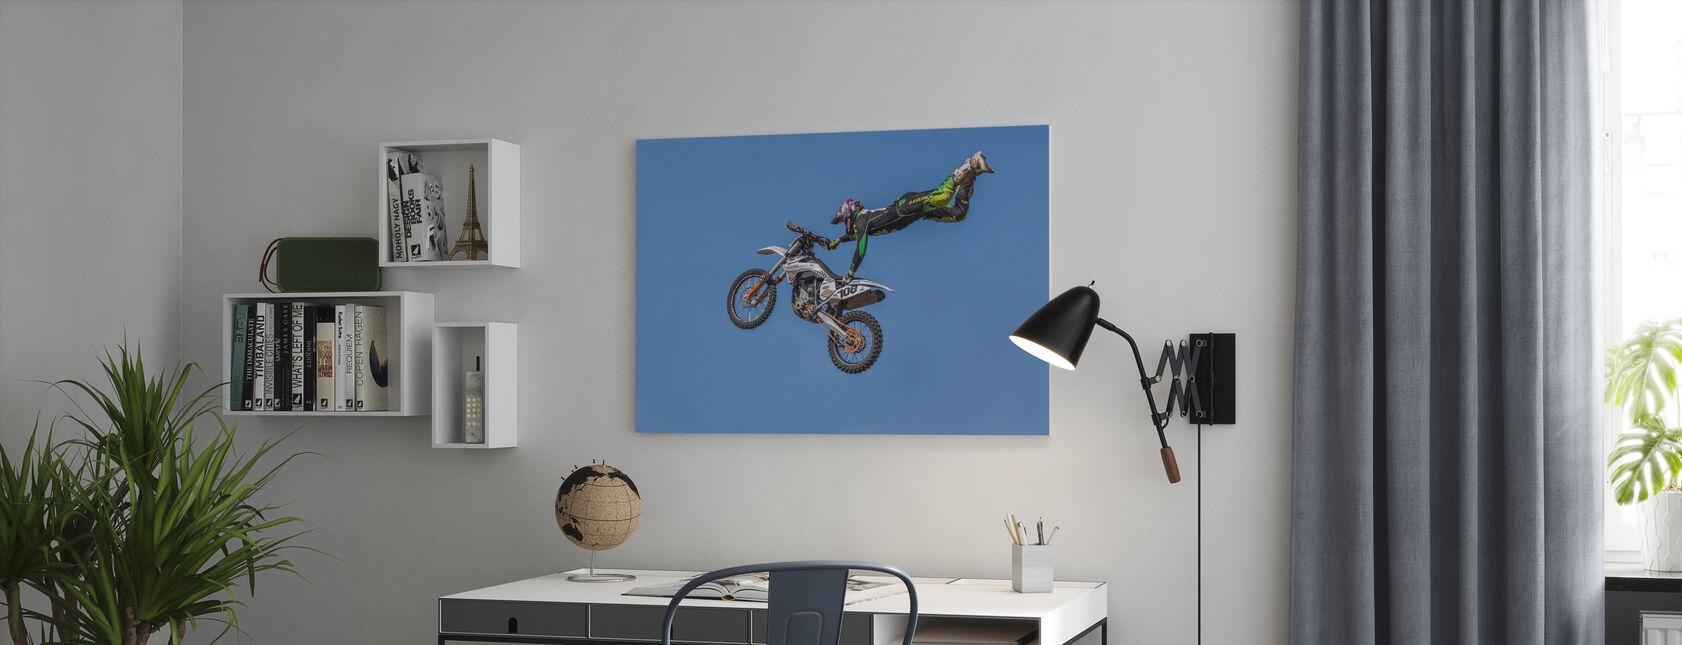 Ekstrem motorcykel sport - Billede på lærred - Kontor